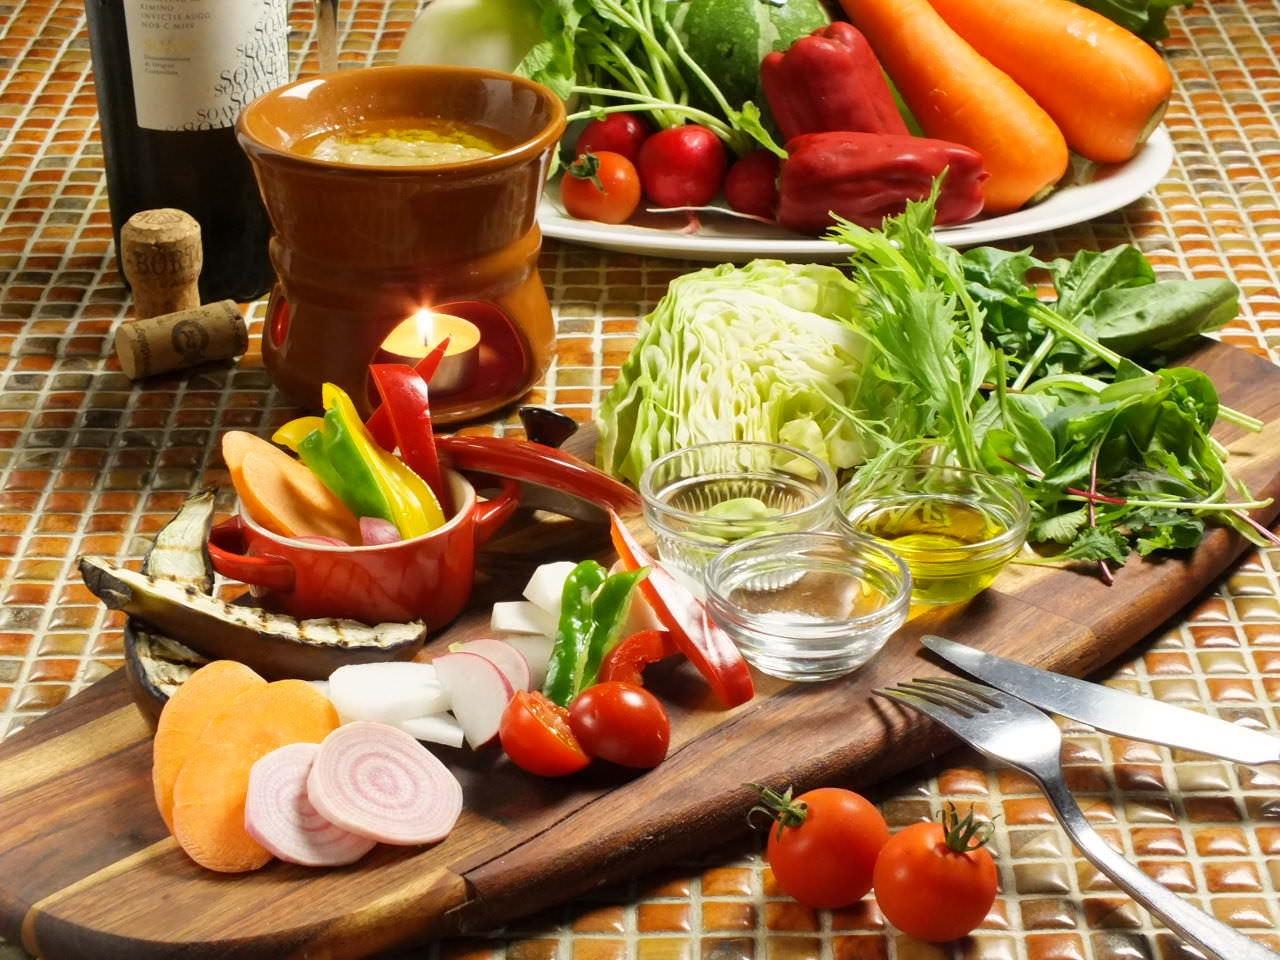 旬野菜の盛り合わせ 全国各地よりのこだわり野菜